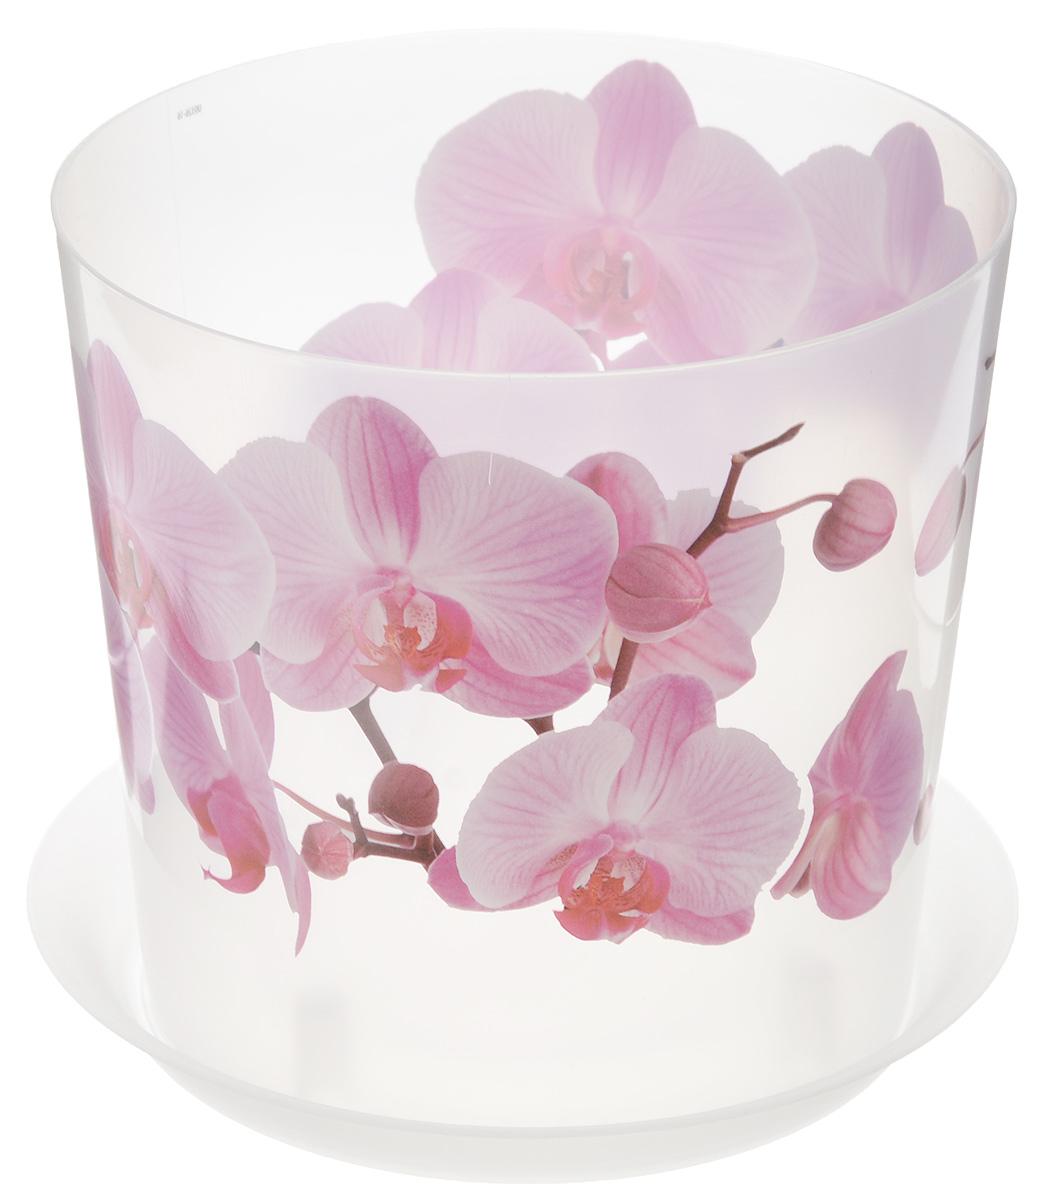 Кашпо Idea Деко, с подставкой, цвет: прозрачный, розовый, 2,4 лМ 3106Кашпо Idea Деко изготовлено из высококачественного полипропилена. Специальный поддон предназначен для стока воды. Изделие прекрасно подходит для выращивания растений и цветов в домашних условиях. Лаконичный дизайн впишется в интерьер любого помещения. Диаметр поддона: 17,5 см. Диаметр кашпо по верхнему краю: 16 см. Высота кашпо: 15 см. Объем кашпо: 2,4 л.